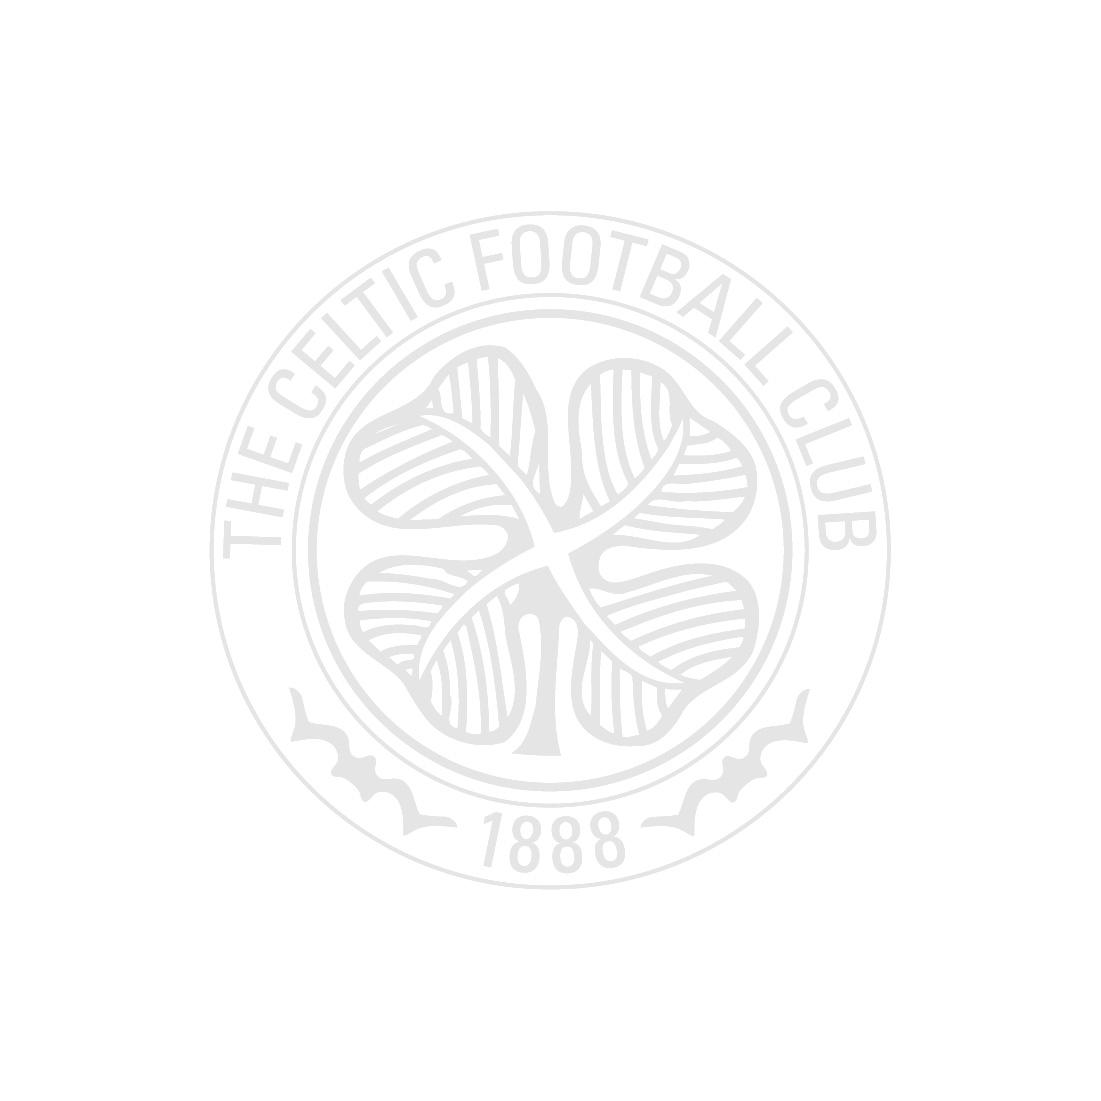 Celtic No 1 Dad Glencairn Whisky Glass Set